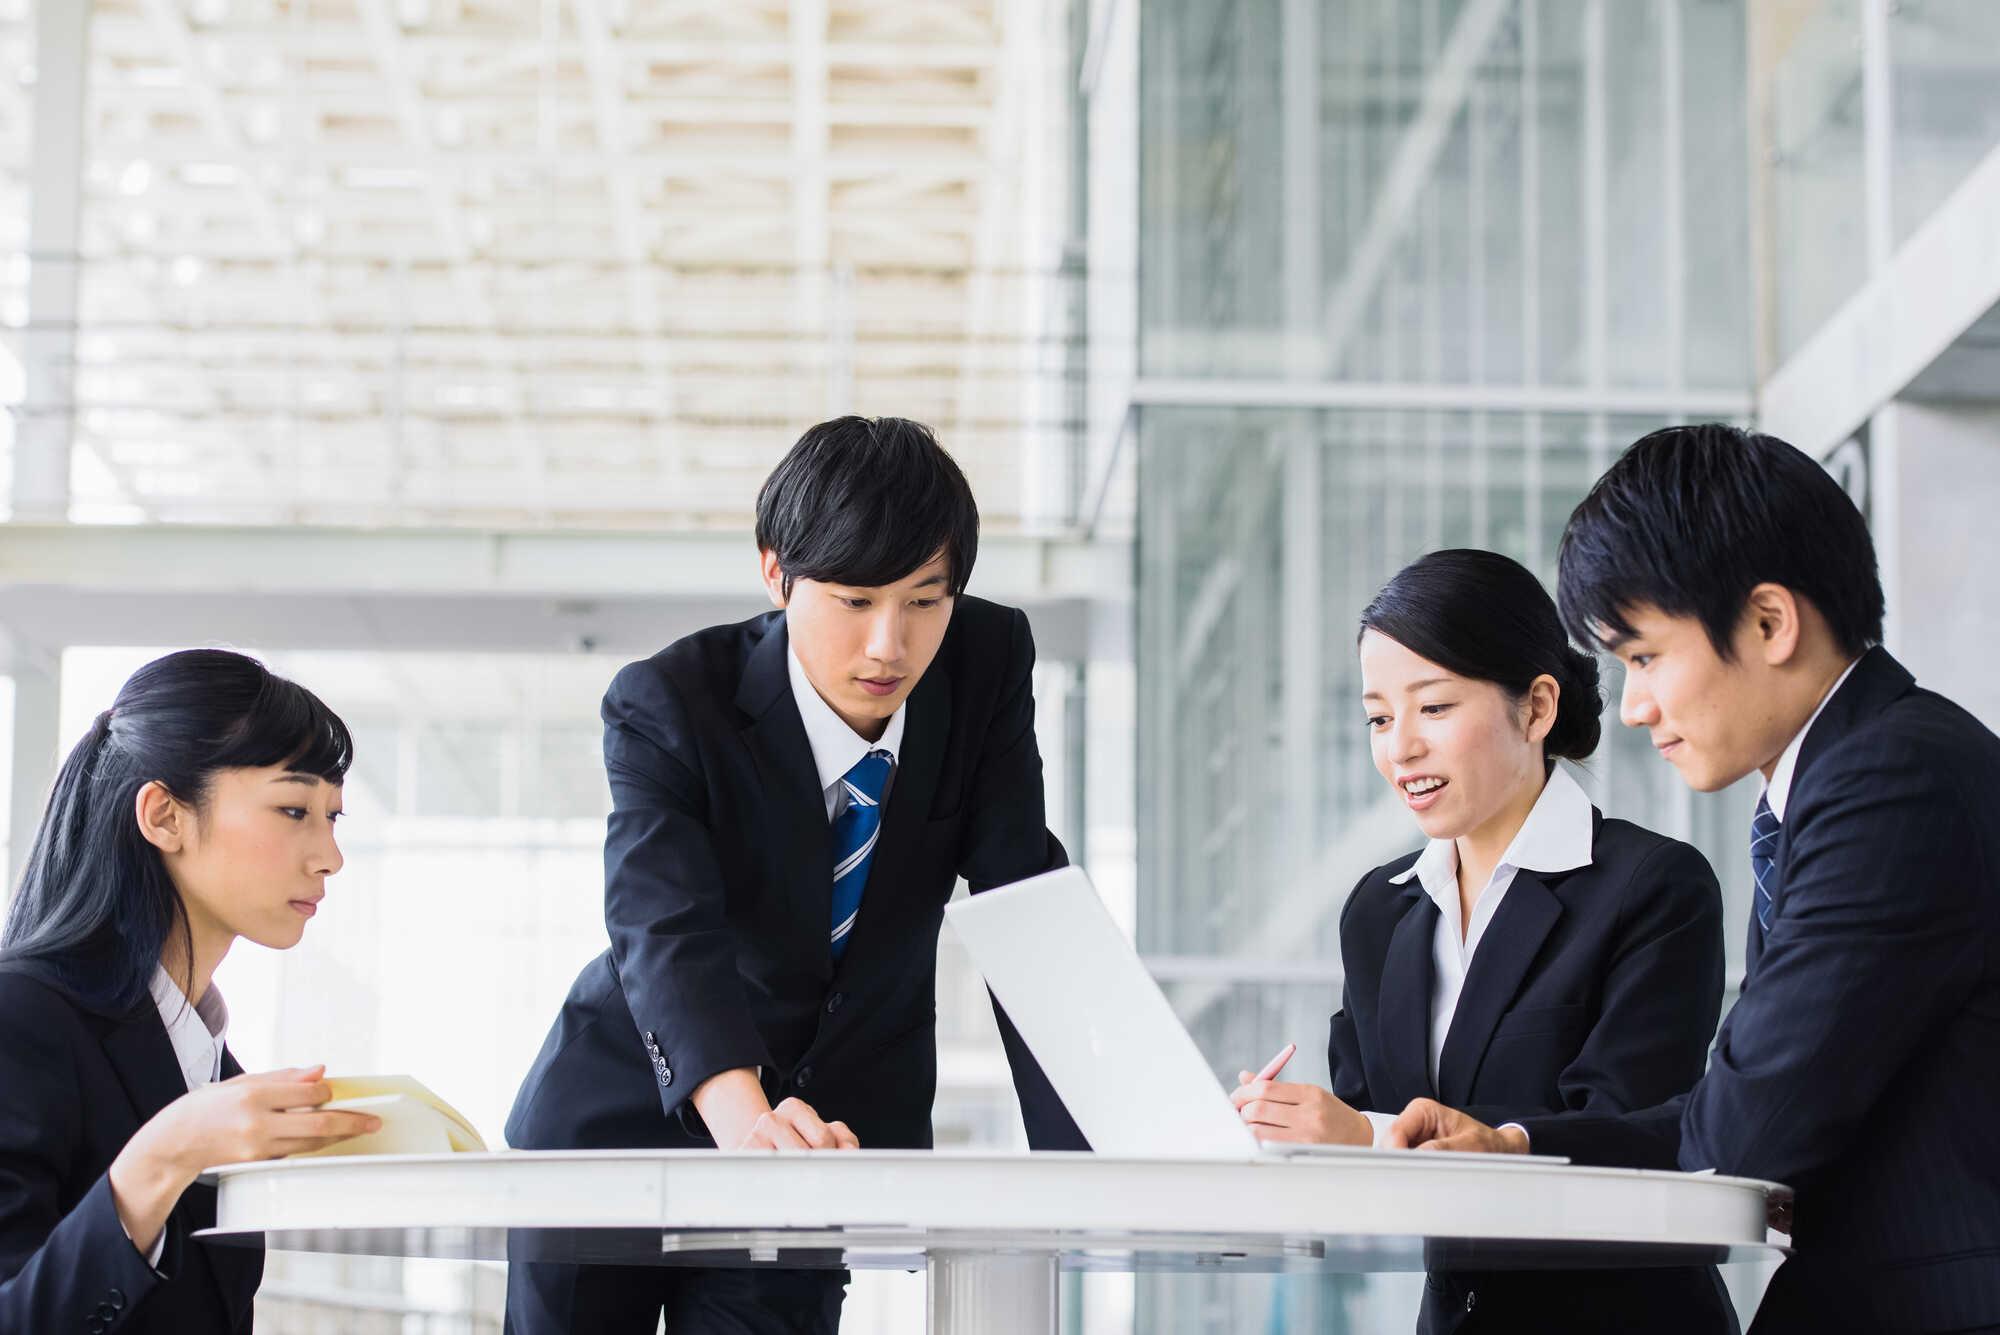 テーブルを囲んでいる若いビジネスパーソンたち